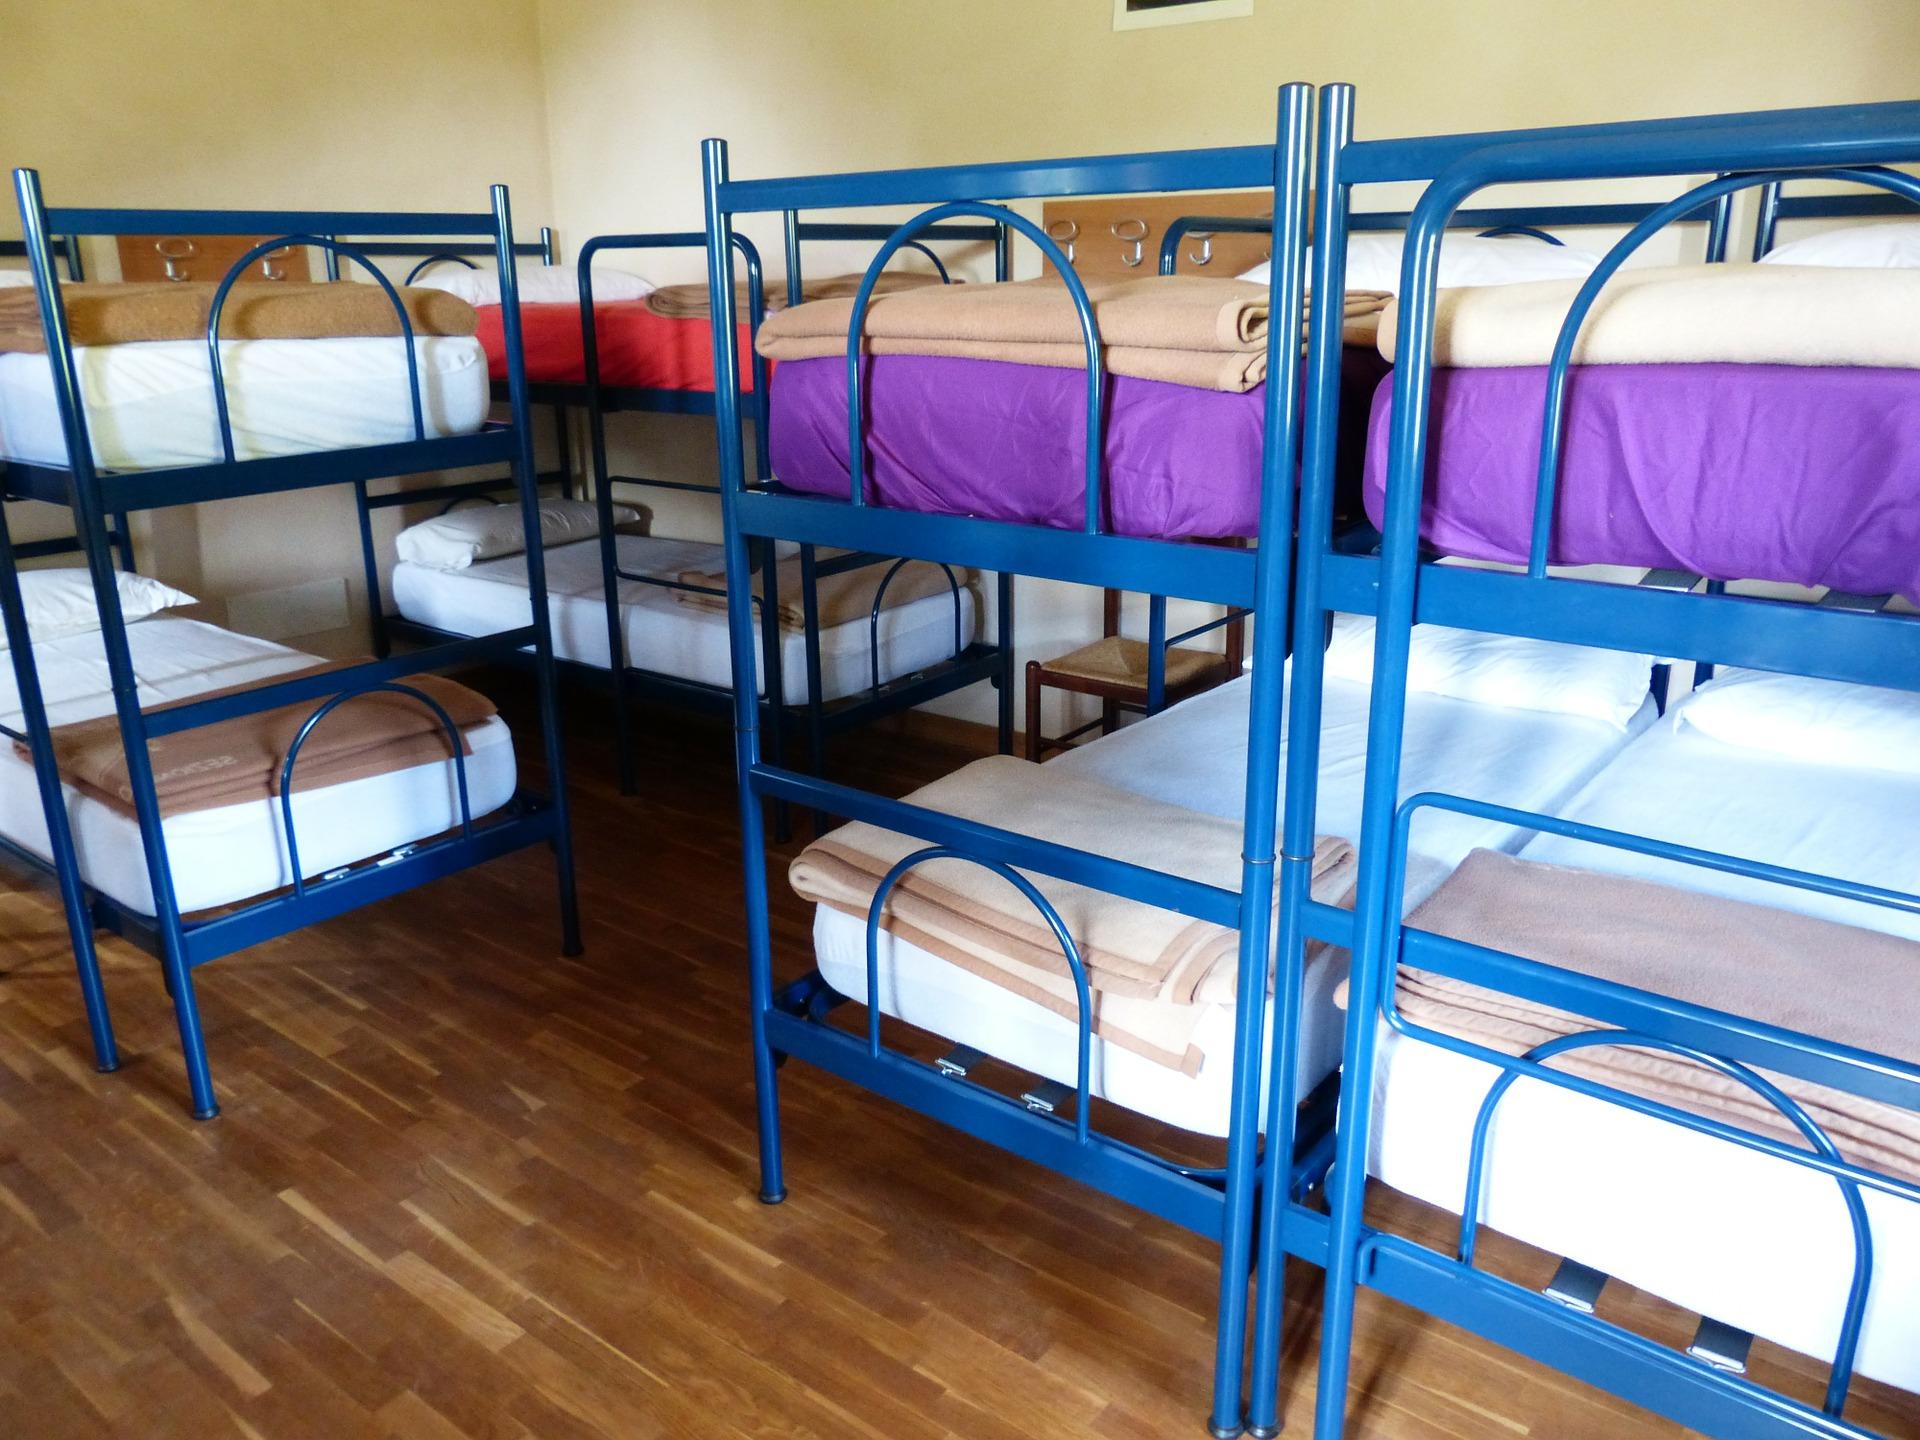 Nema duljeg zadržavanja na hodnicima, između cimera mora biti distanca: Izašle upute za učeničke domove